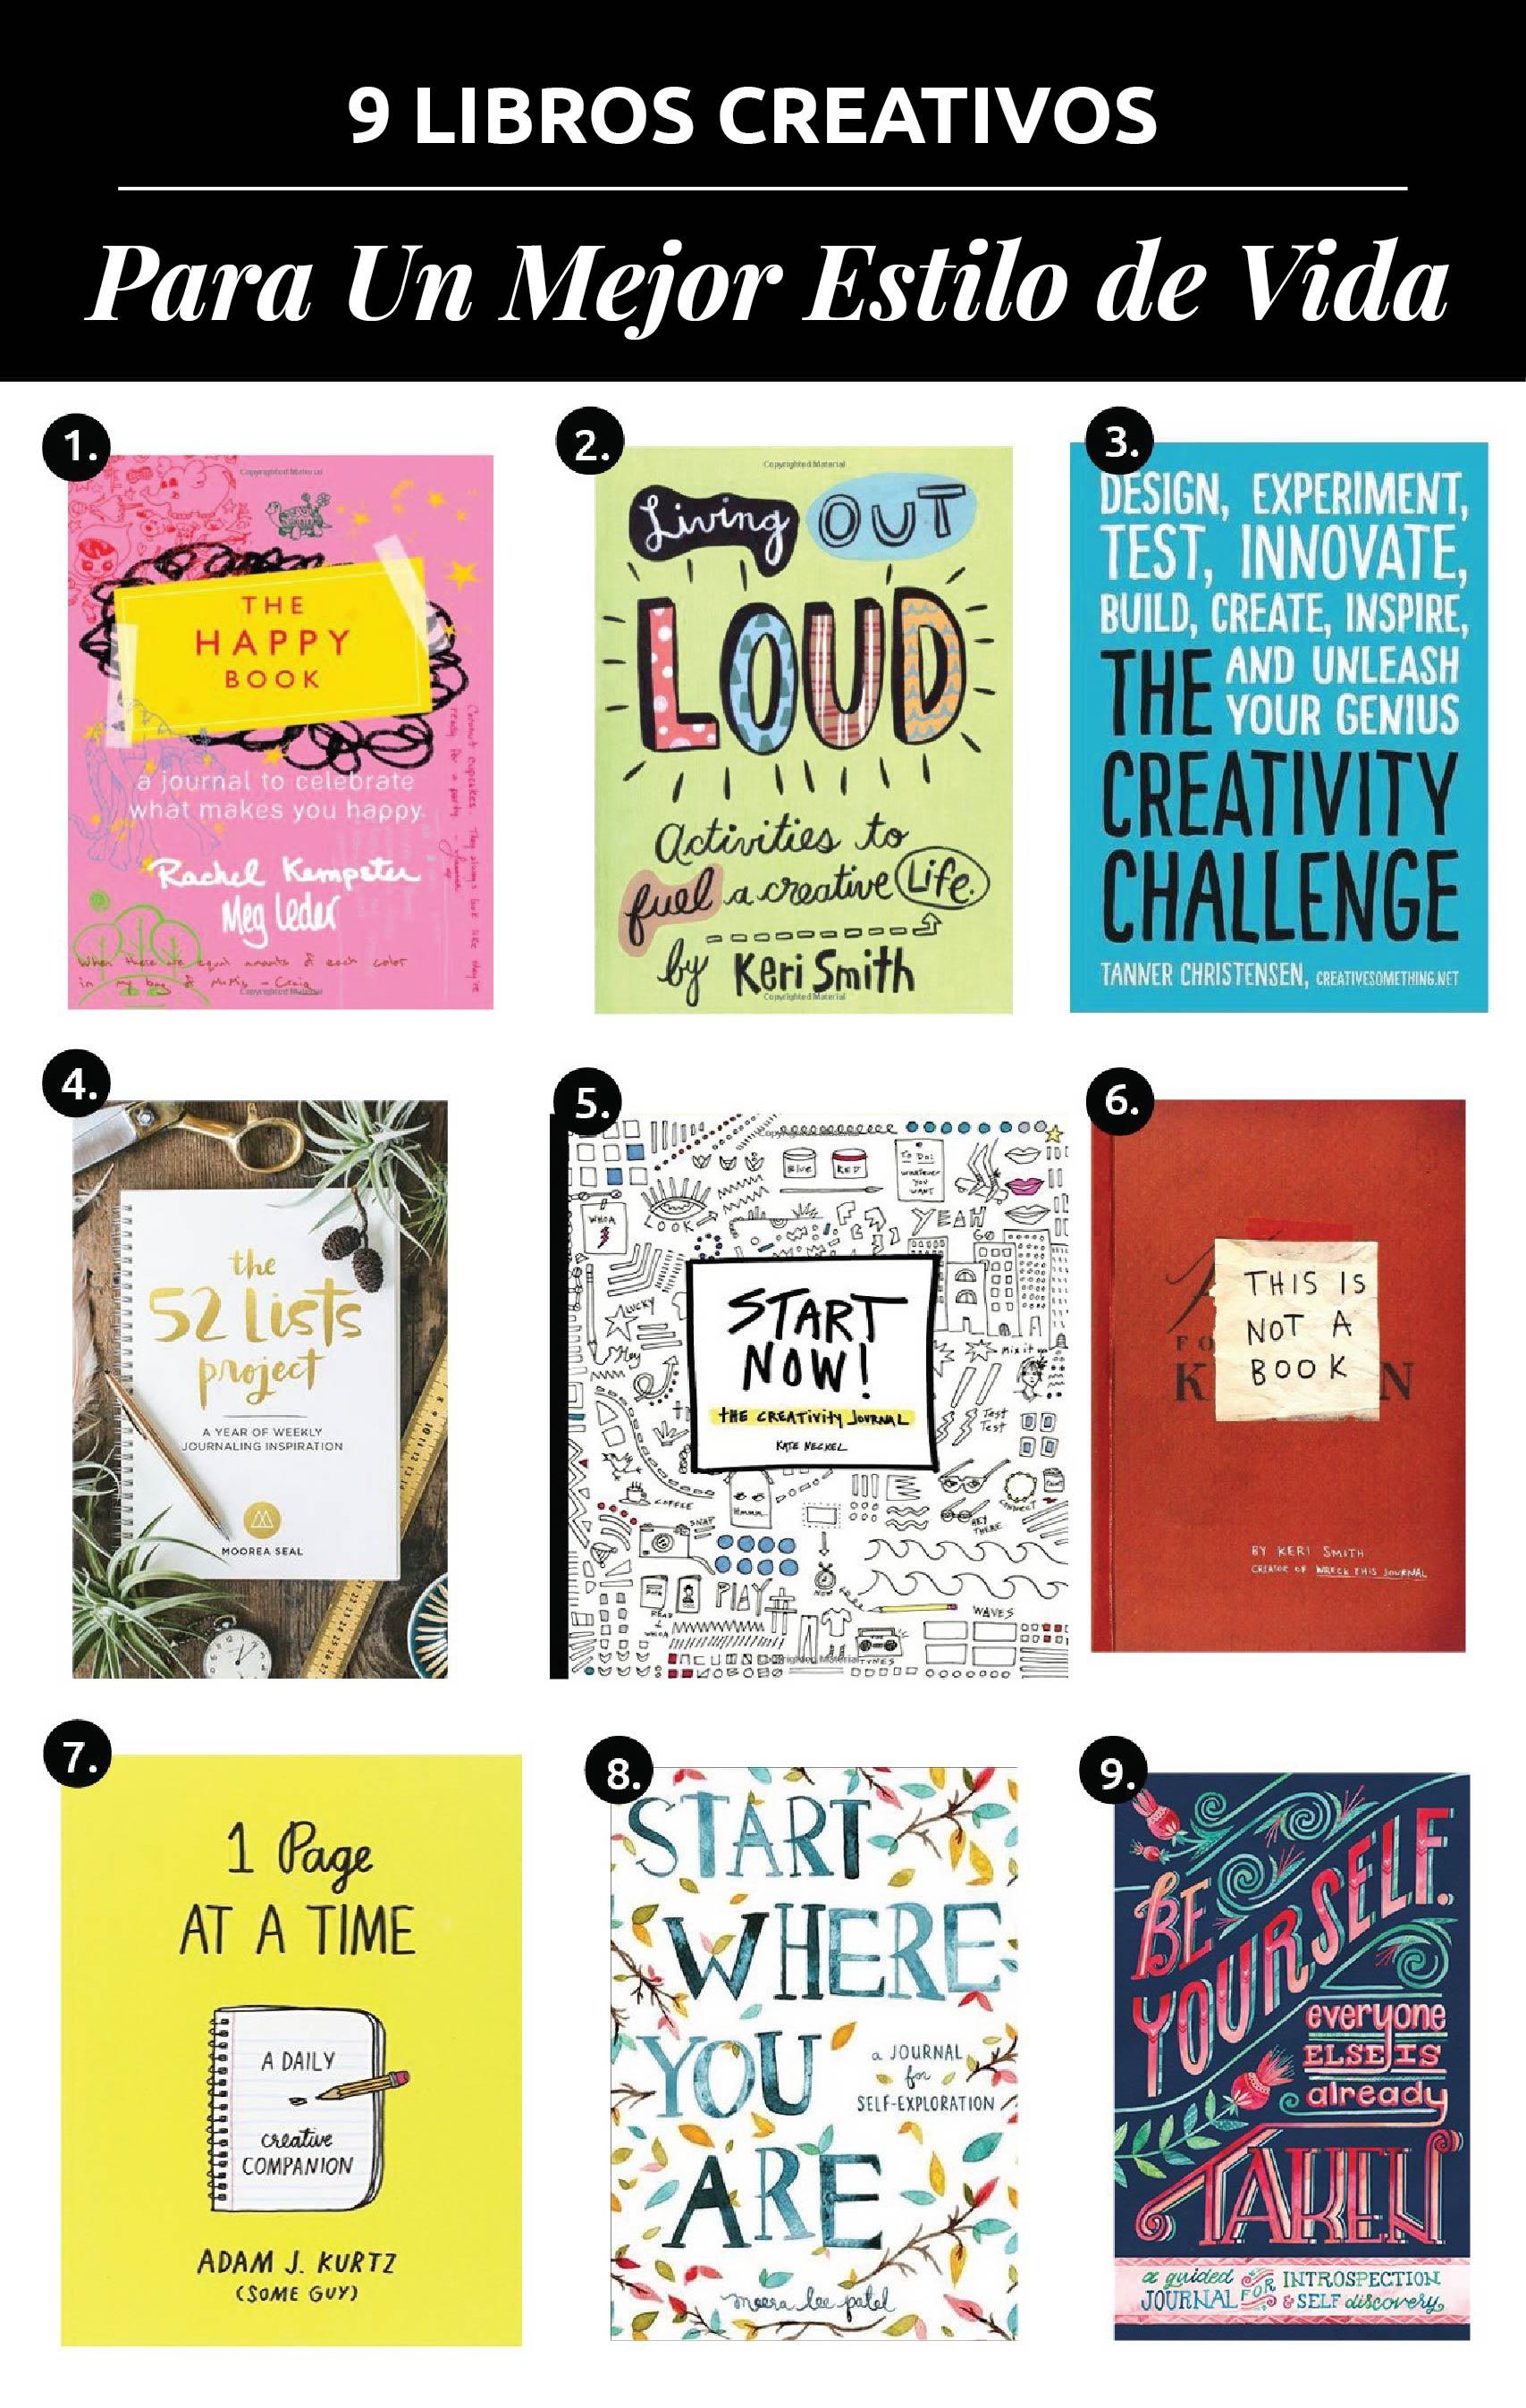 9 Libros Creativos Para Un Mejor Estilo De Vida // Estos libros creativos pueden sacarte de tu zona de confort y forzarte a desarrollar el lado creativo de tu cerebro.